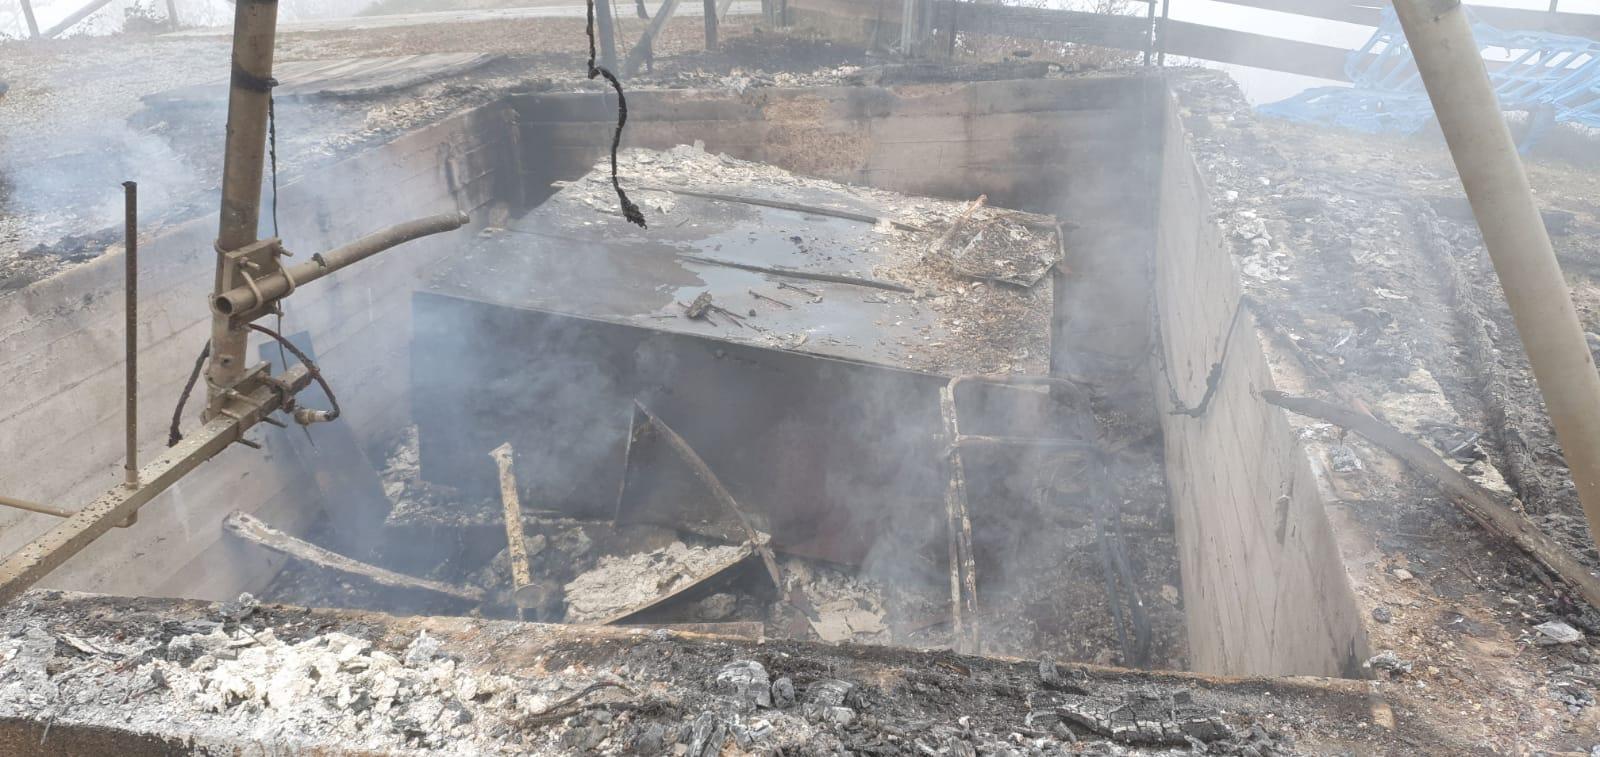 Incendio a Gambarie, Auteliano: «Trovare soluzioni idonee e rapide per il ripristino della seggiovia»